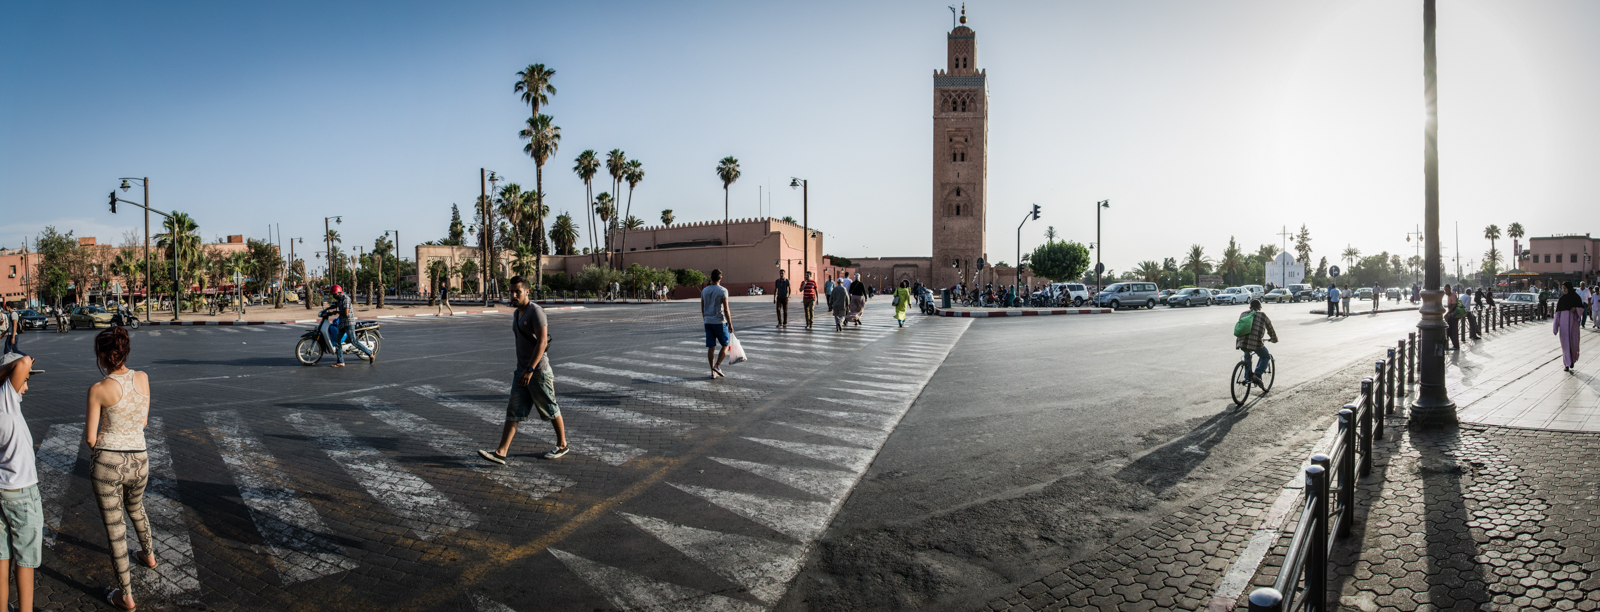 Marrakech (2014)